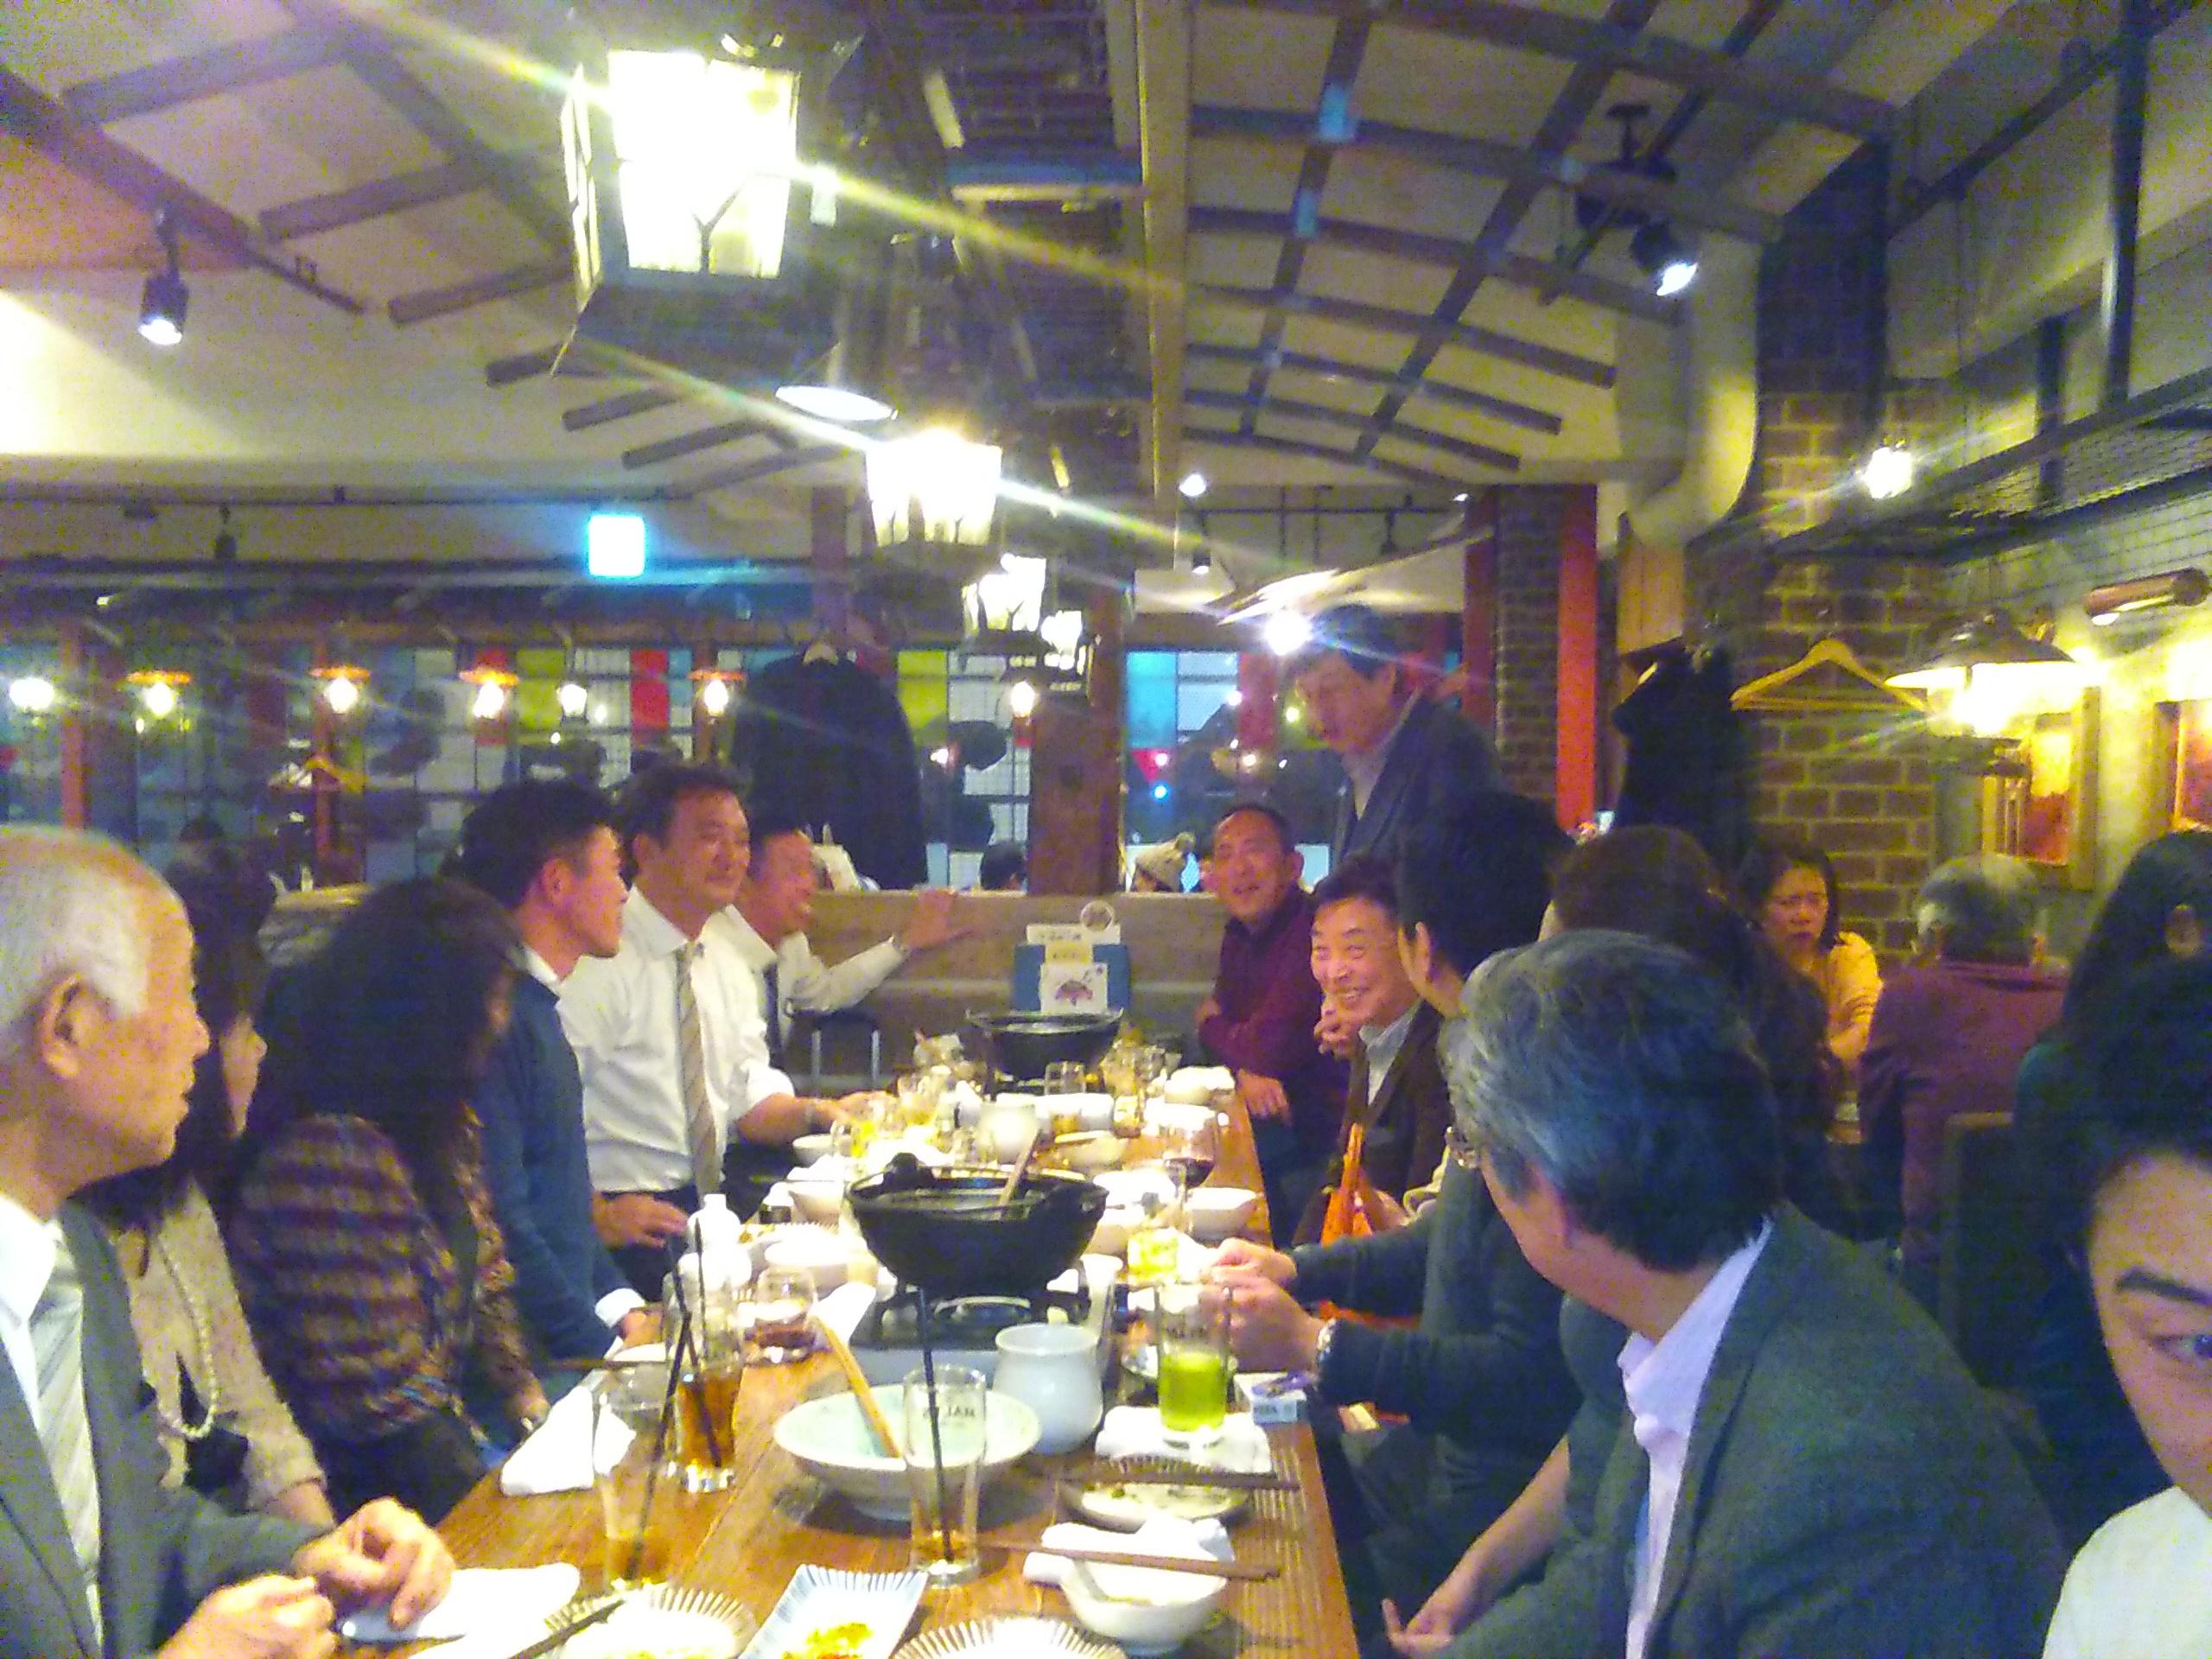 KIMG0233 - 4月1日東京思風塾の開催になります。